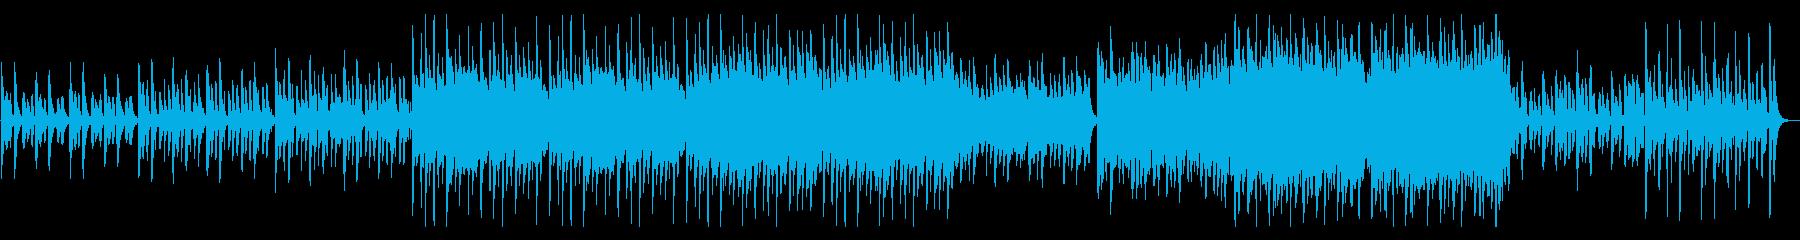 ほのぼのとかわいい映像BGMの再生済みの波形